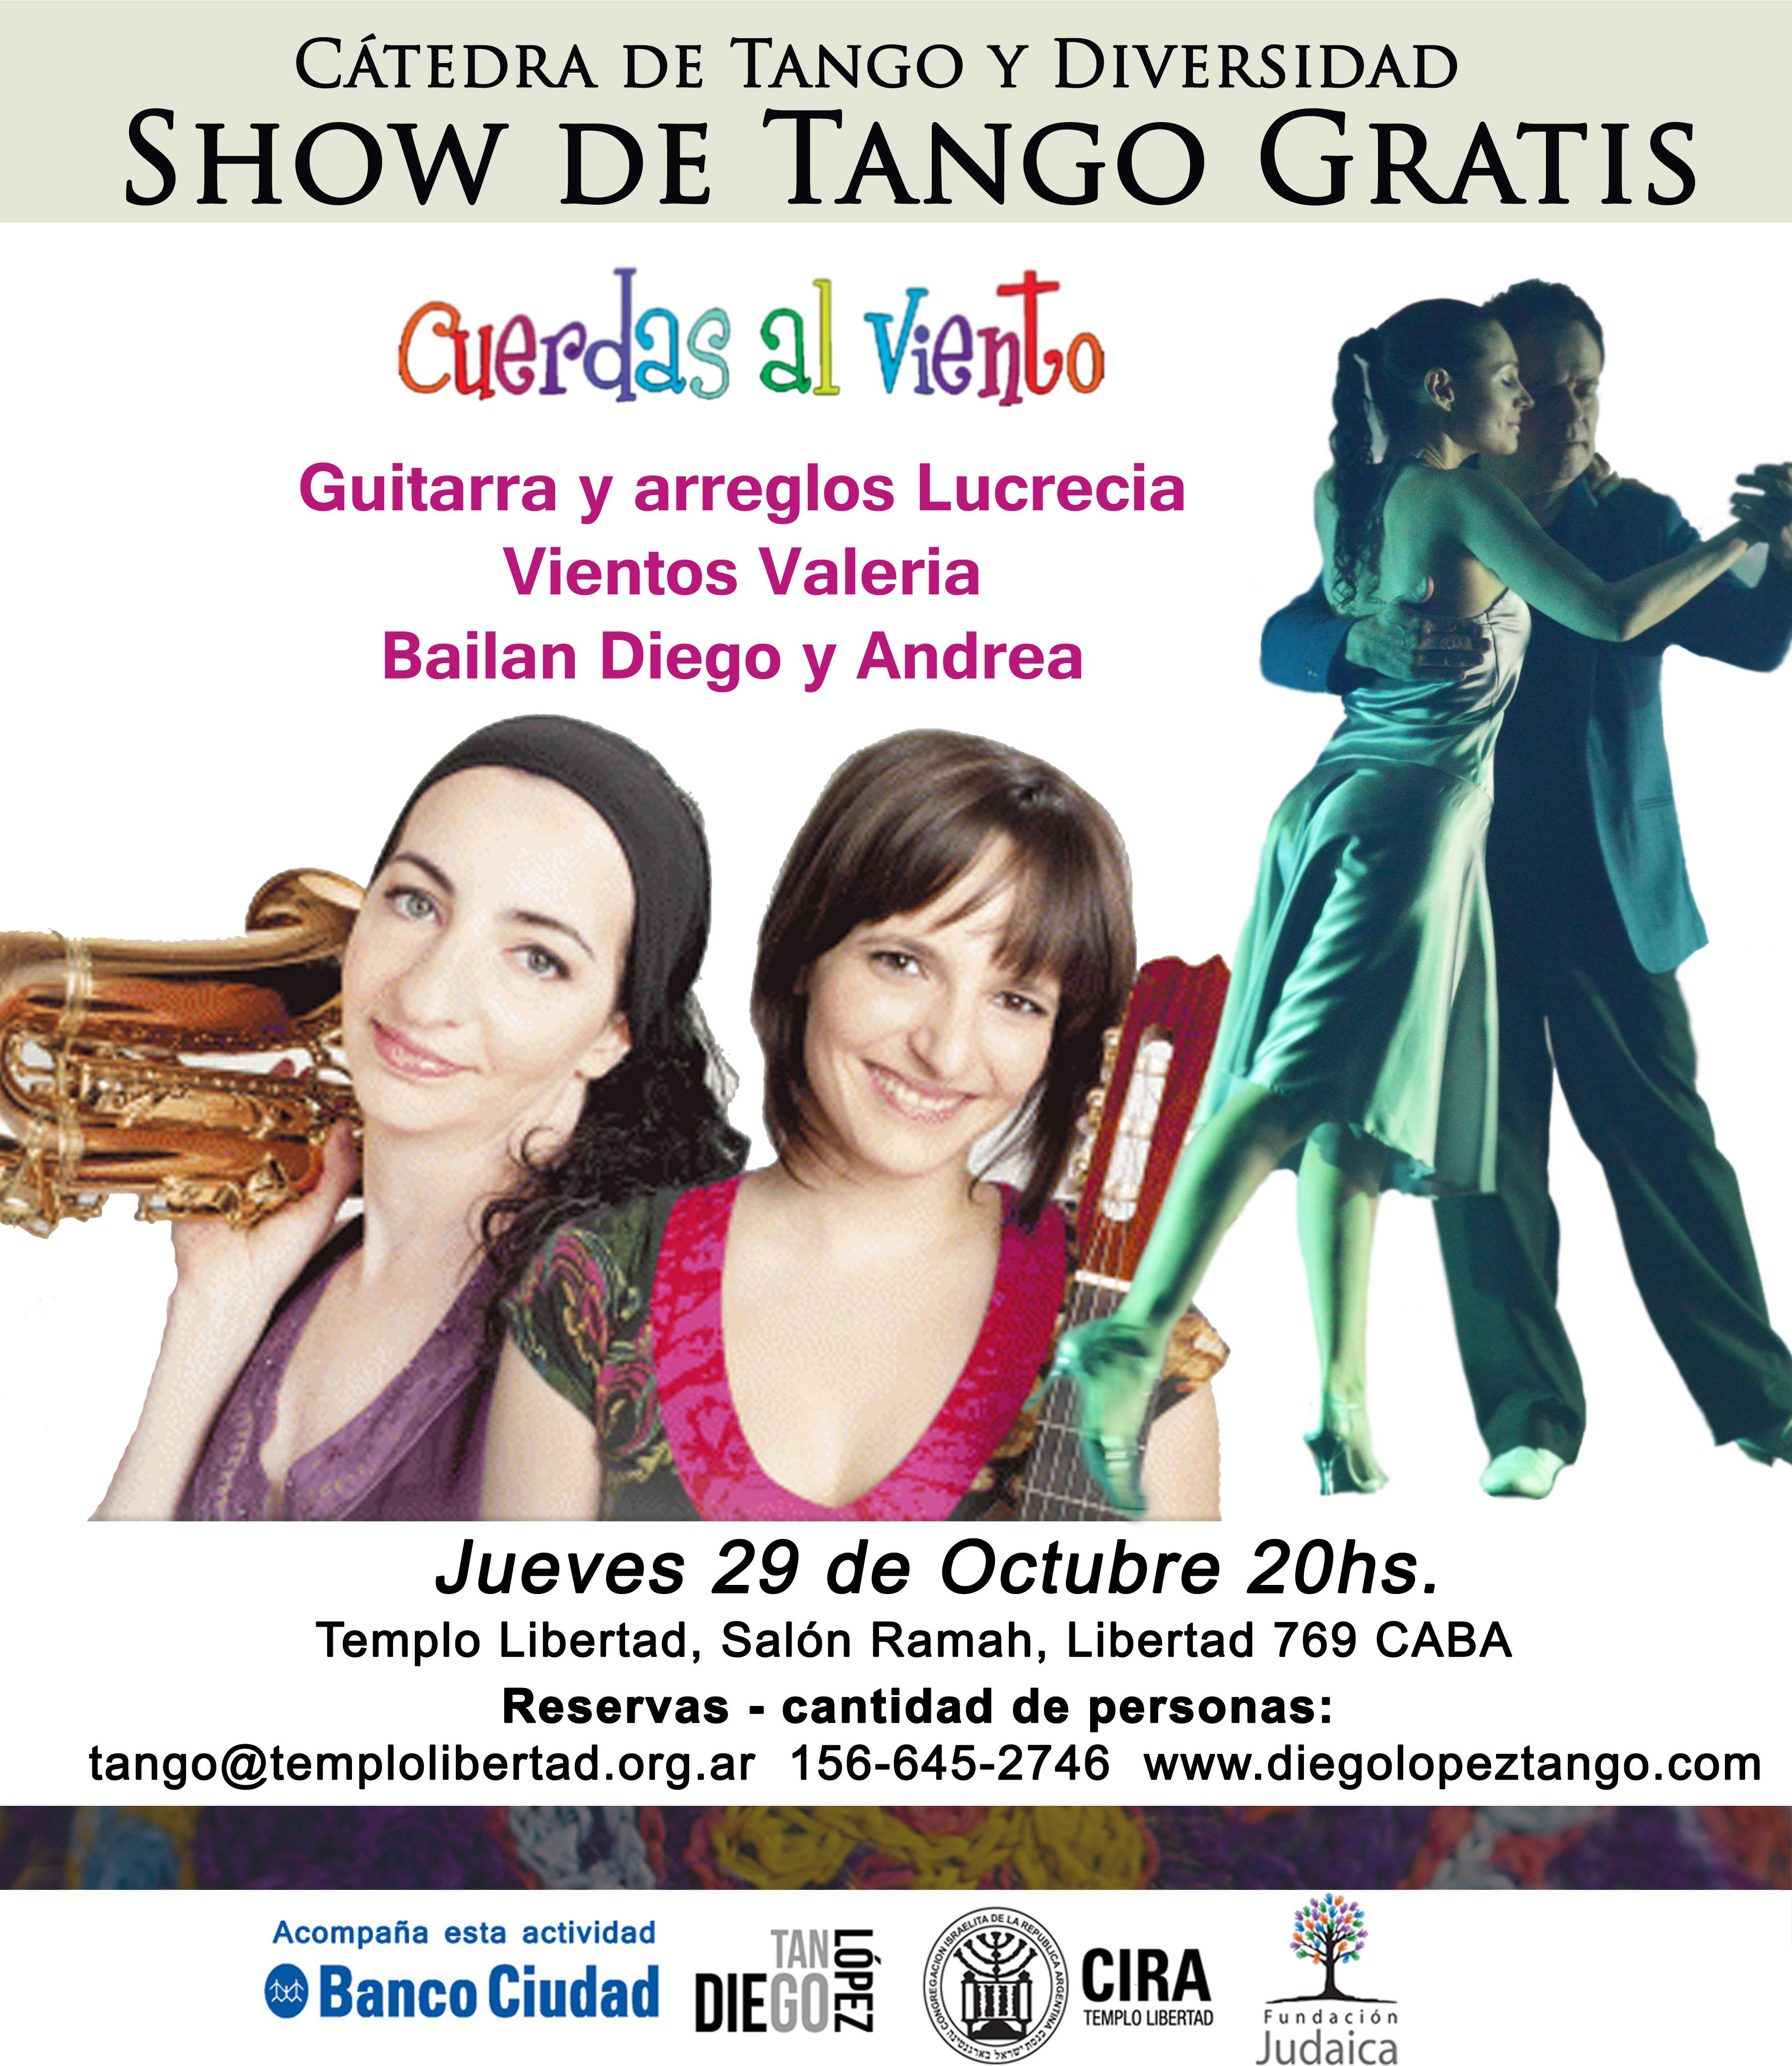 show de tango en libertad cuerdas al viento